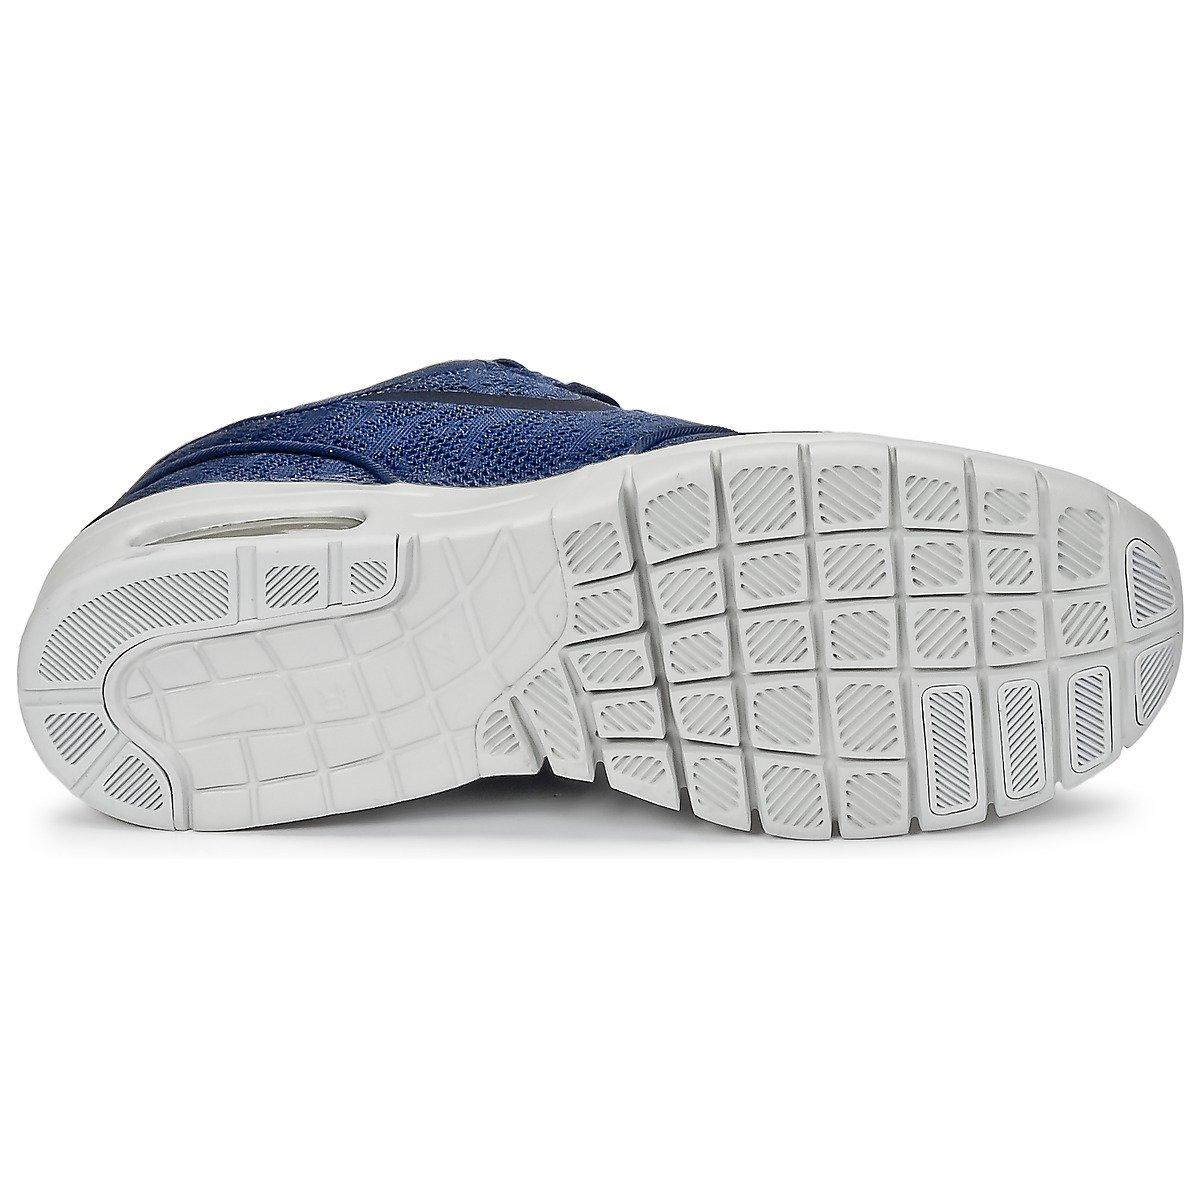 Nike Damen Tank Top Top Top Air Max Logo B007MSWTAM a46928